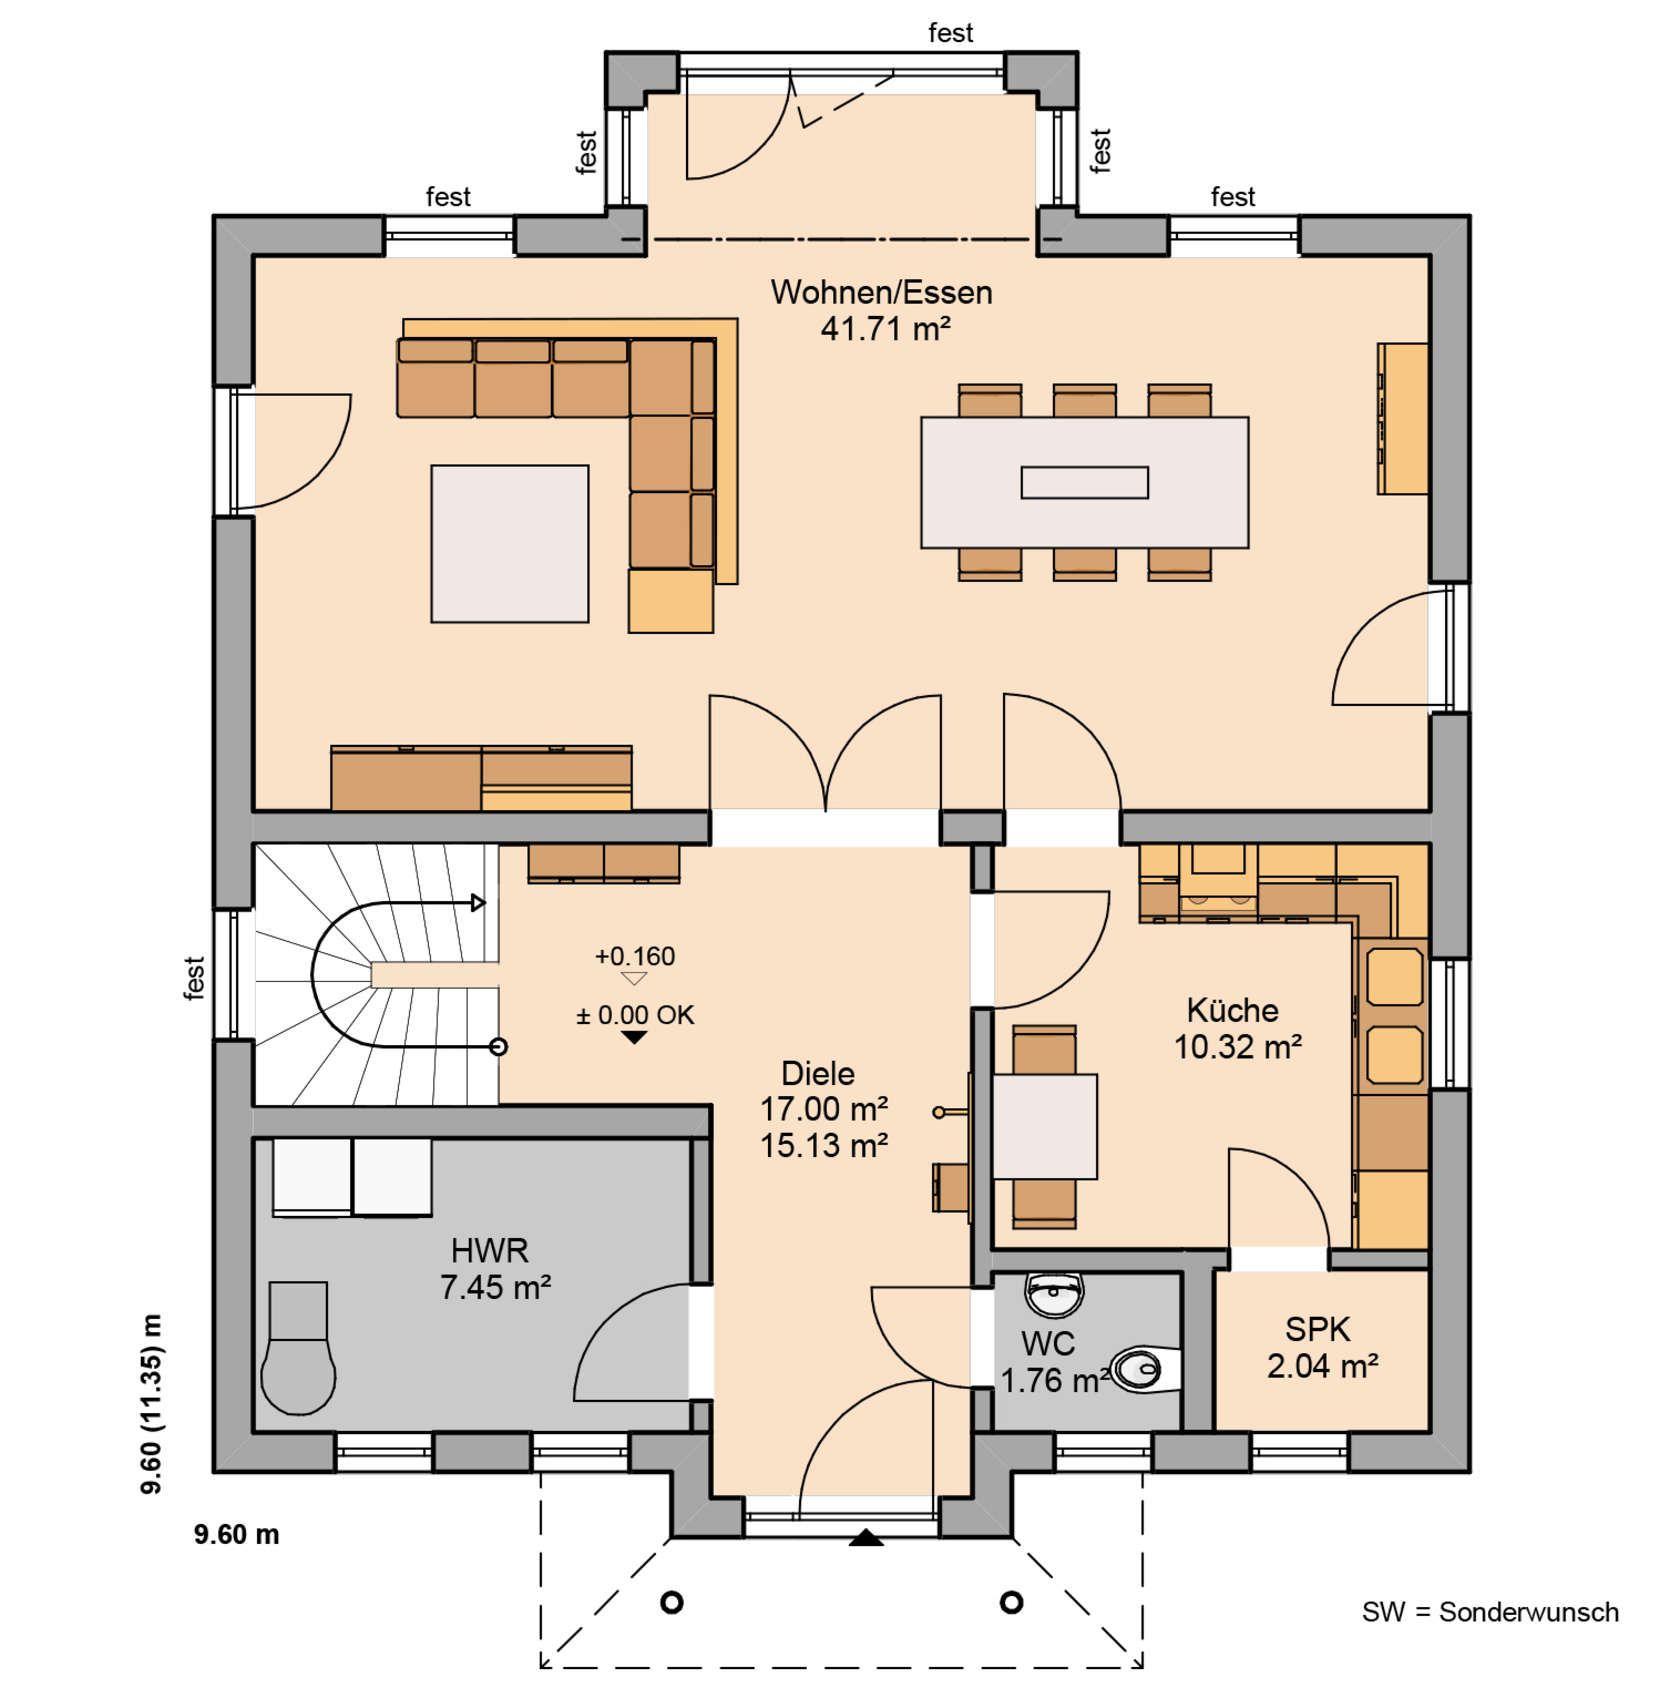 Küchenplan grundriss häuser  pinterest  house